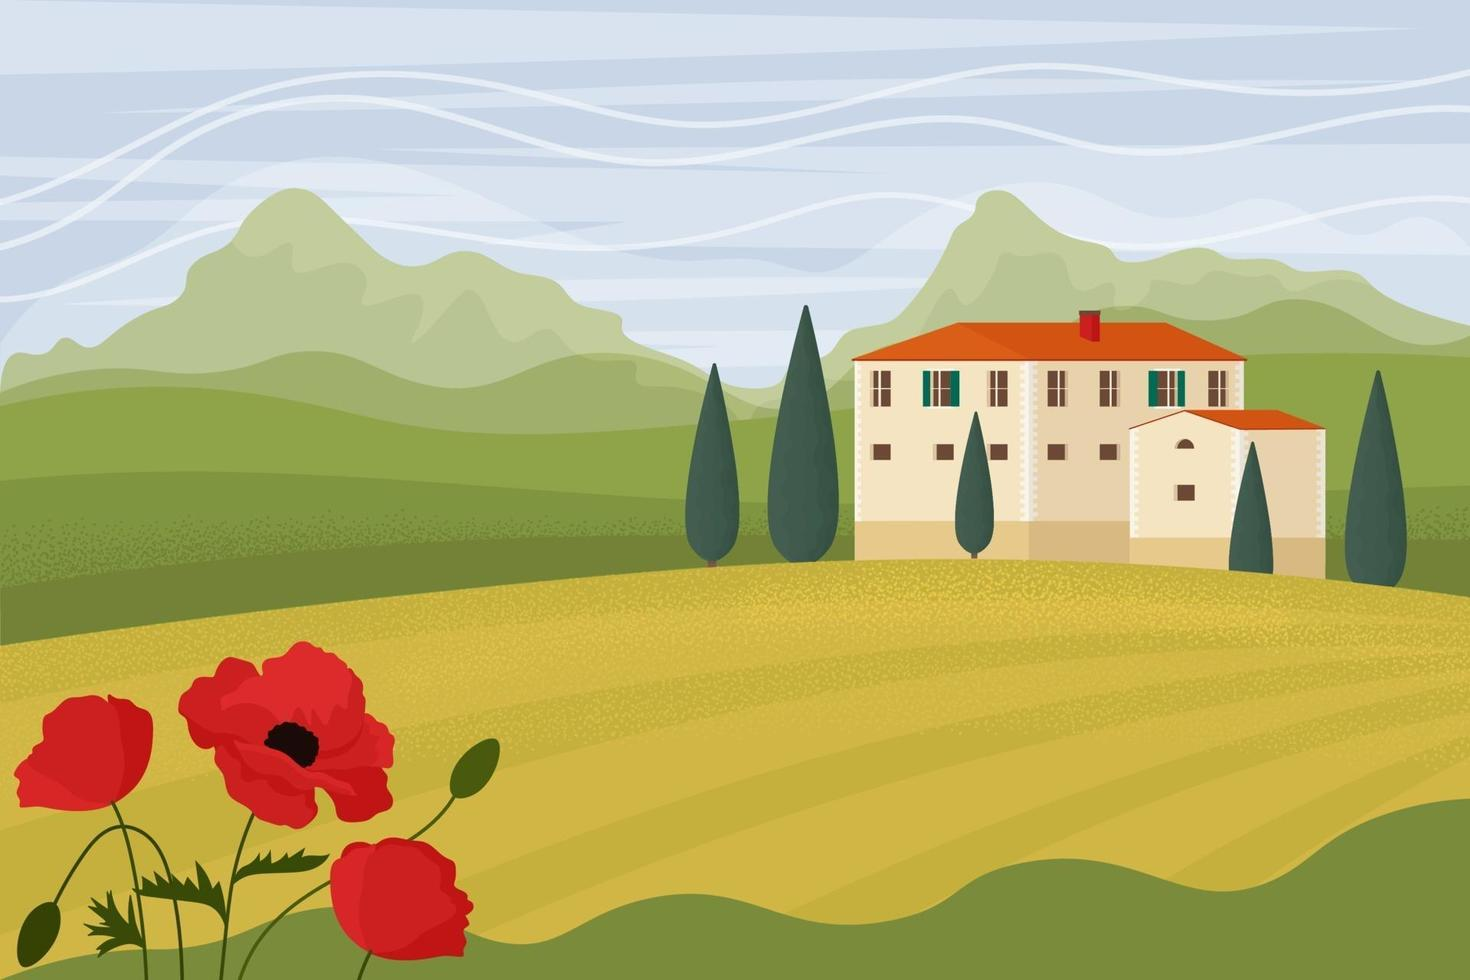 paisaje toscano. ilustración vectorial en estilo plano vector